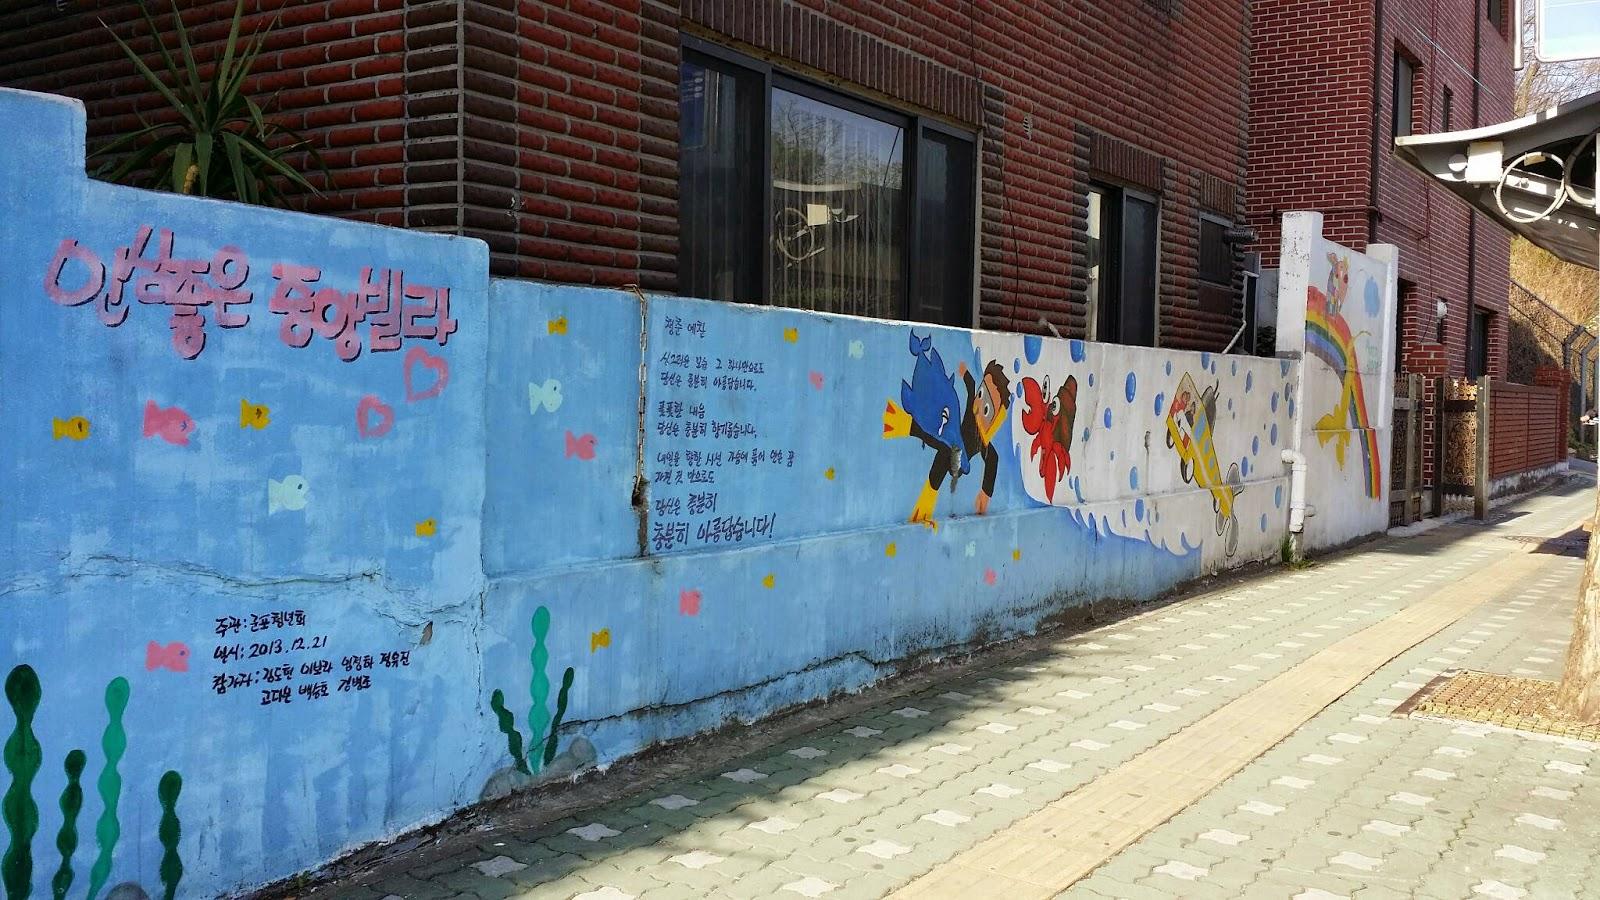 디자인군포 군포벽화 군포시 공공디자인: 군포 당말터널위 벽화